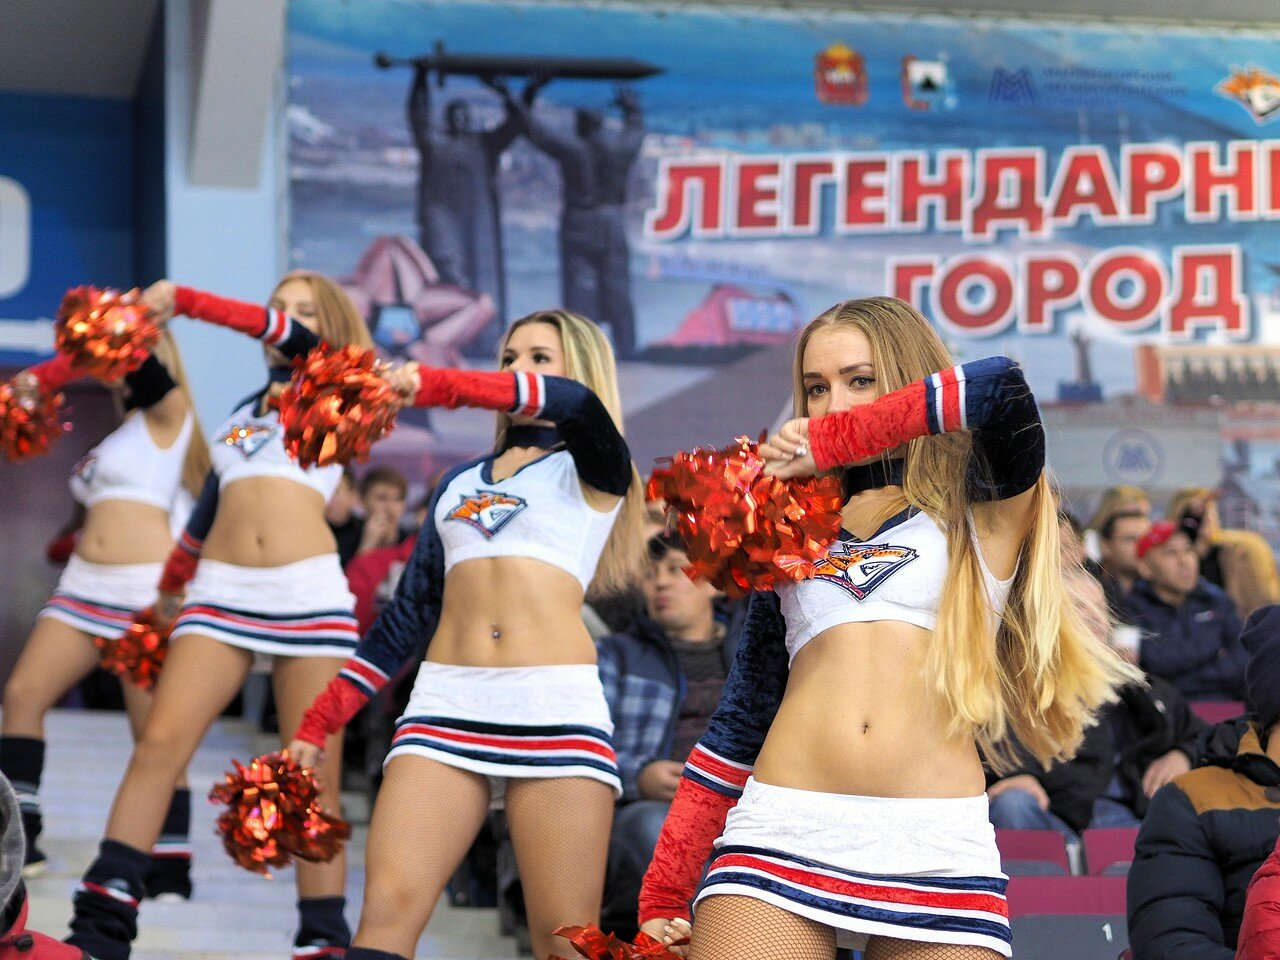 117Металлург - Локомотив 23.11.2016